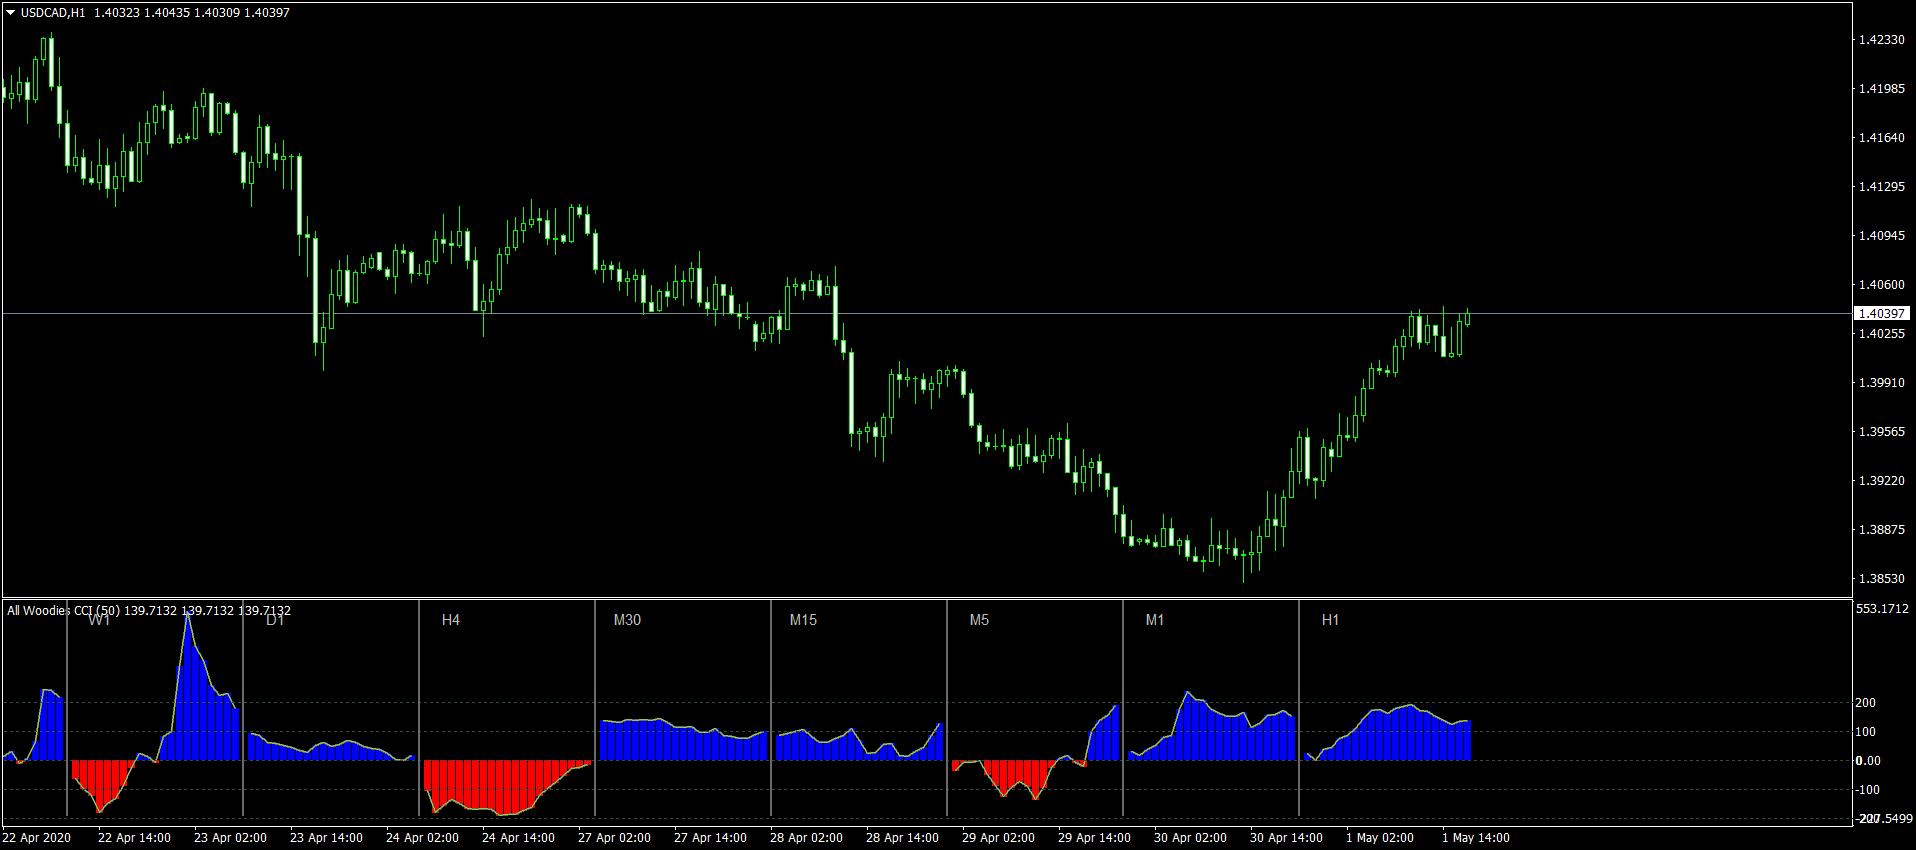 All Woodies CCI Mt4 Indicator